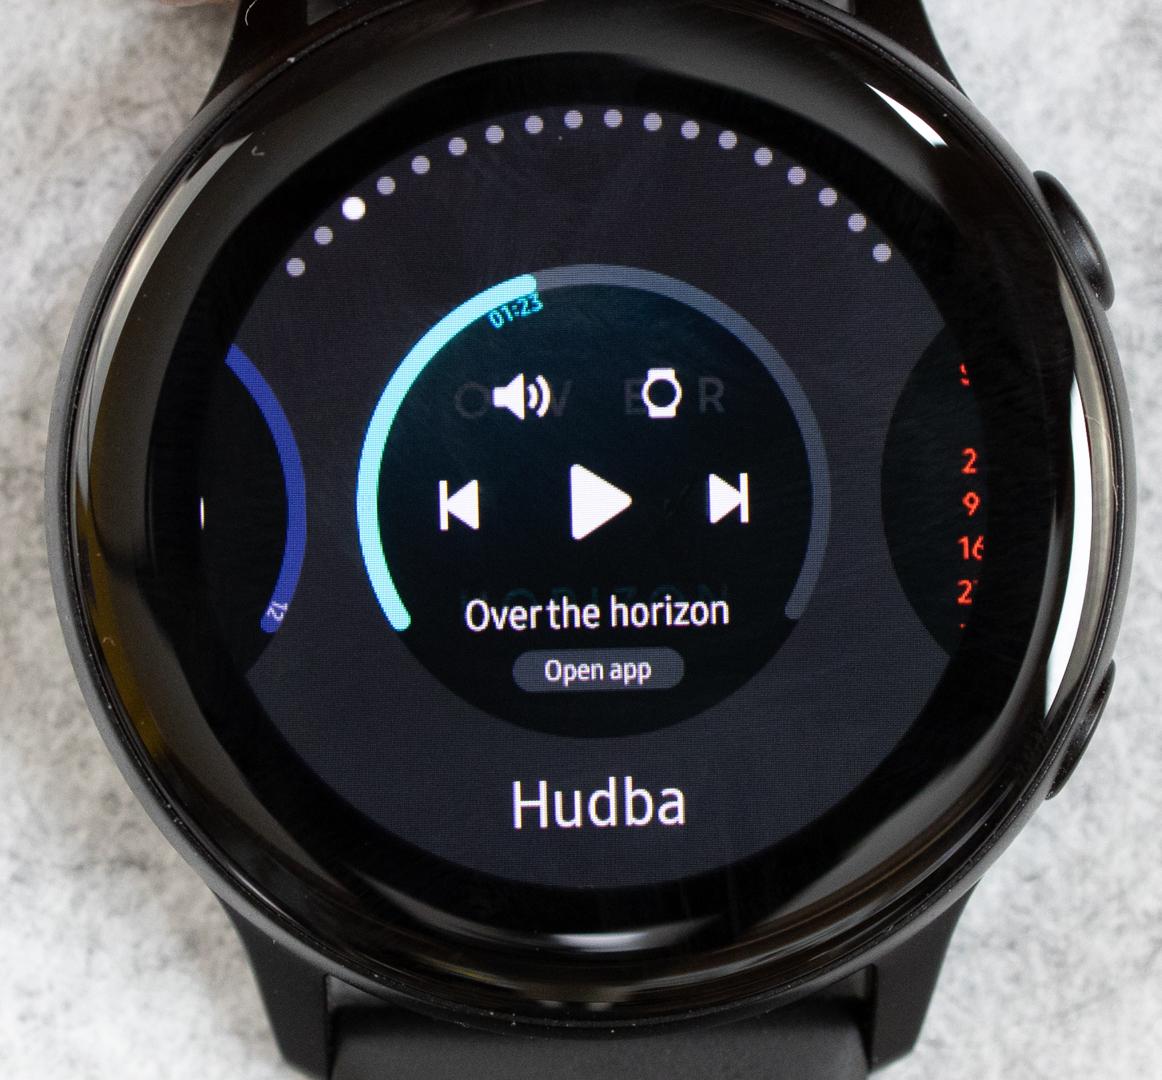 890daad94 PC Revue | Recenzia: Samsung Galaxy Watch Active - Hodinky pre zdravý  životný štýl a fitness